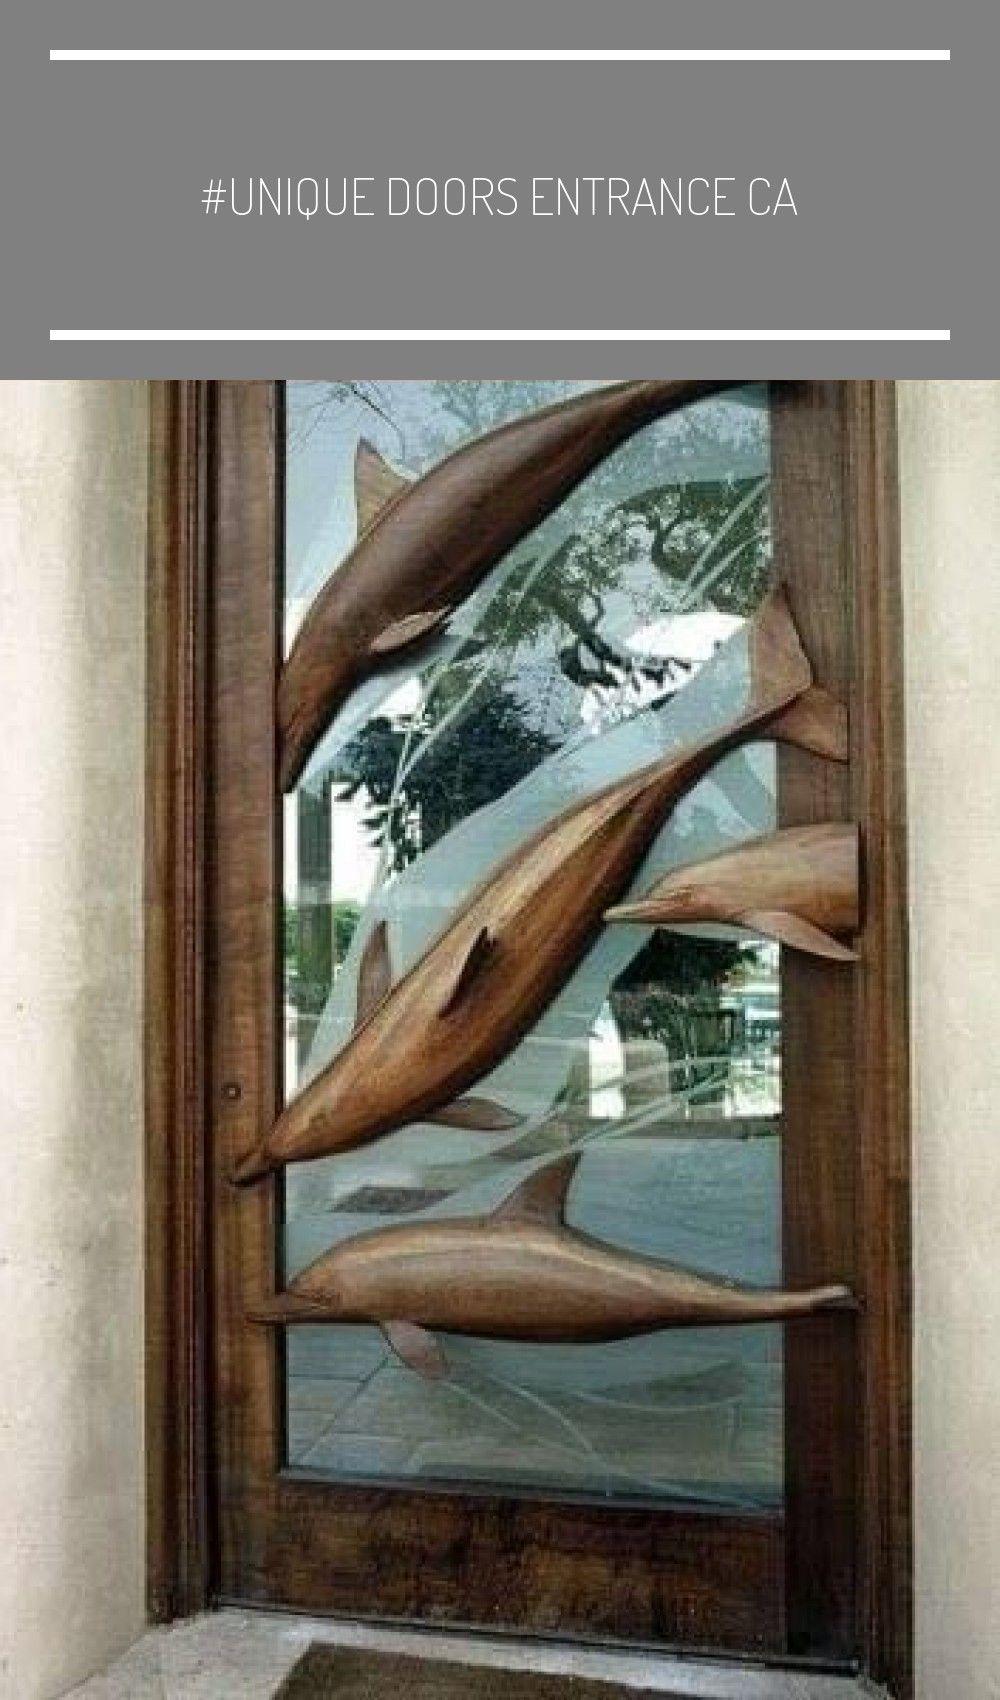 #unique doors entrance carved wood #unique doors entrance carved wood #unique doors entrance carved wood